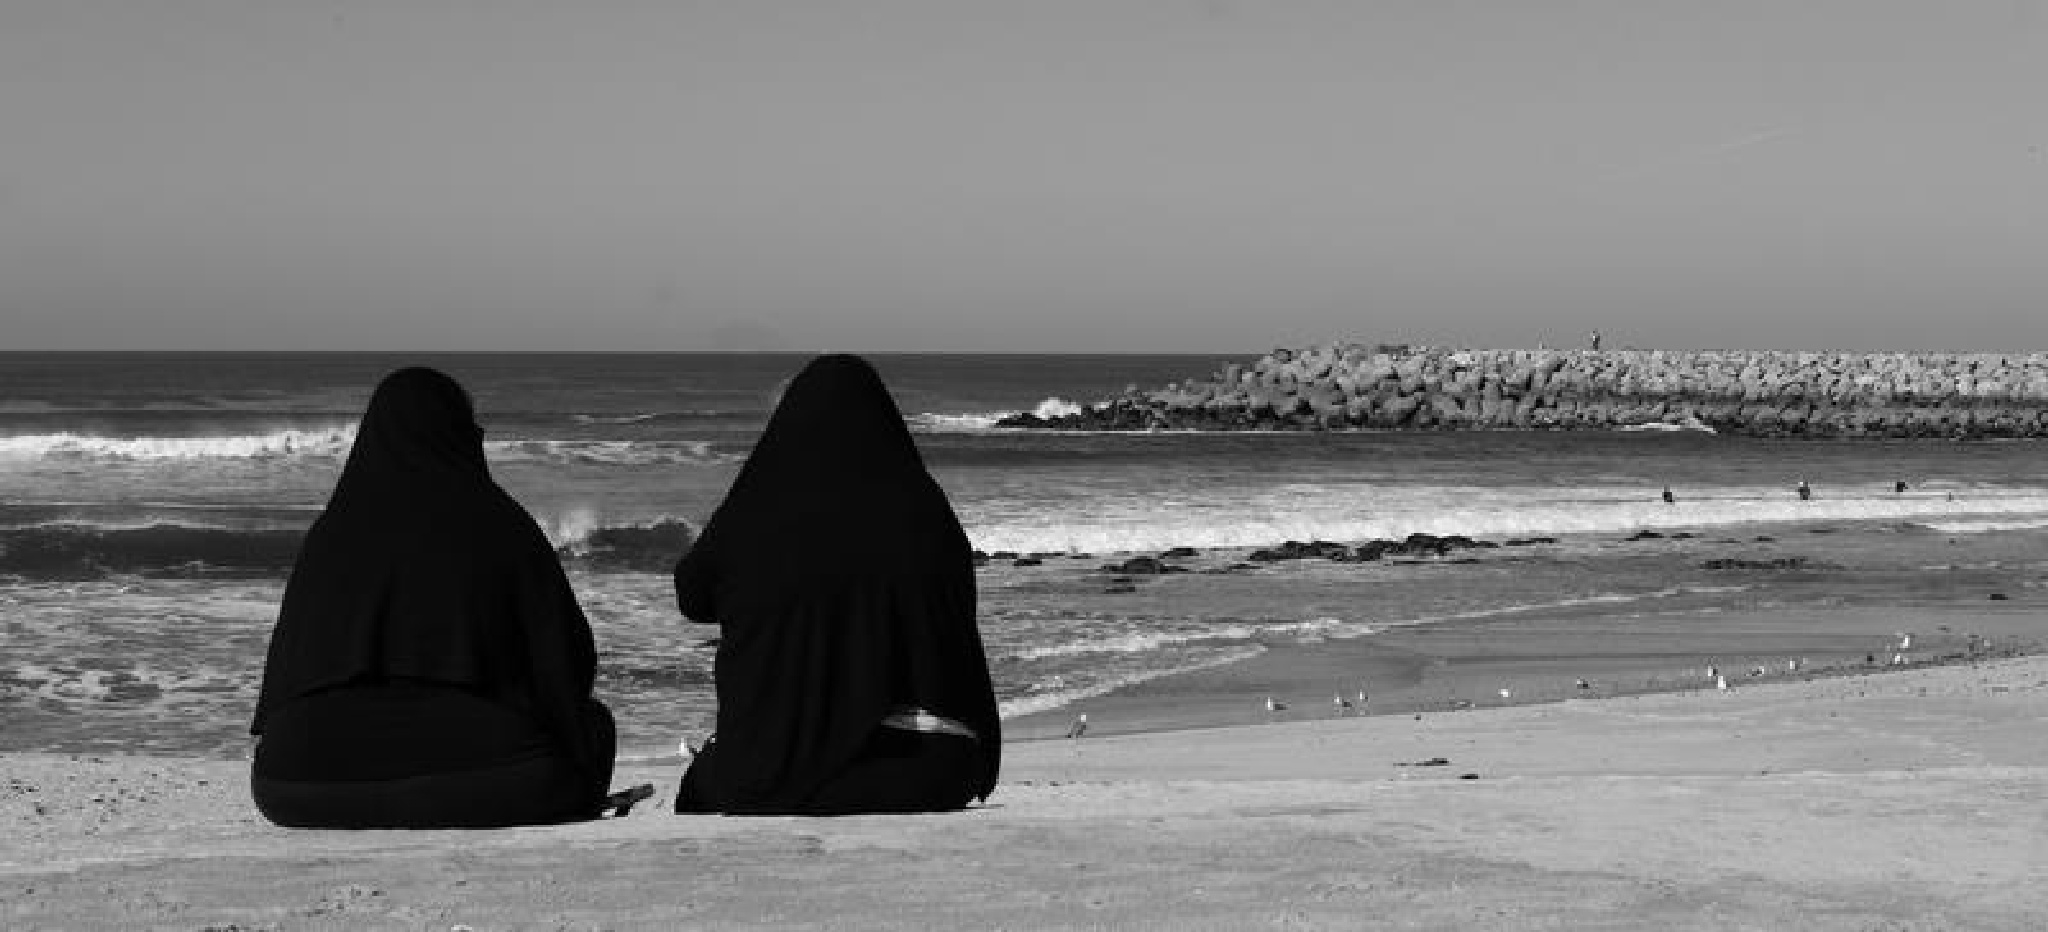 Sea-line by Antero Costa